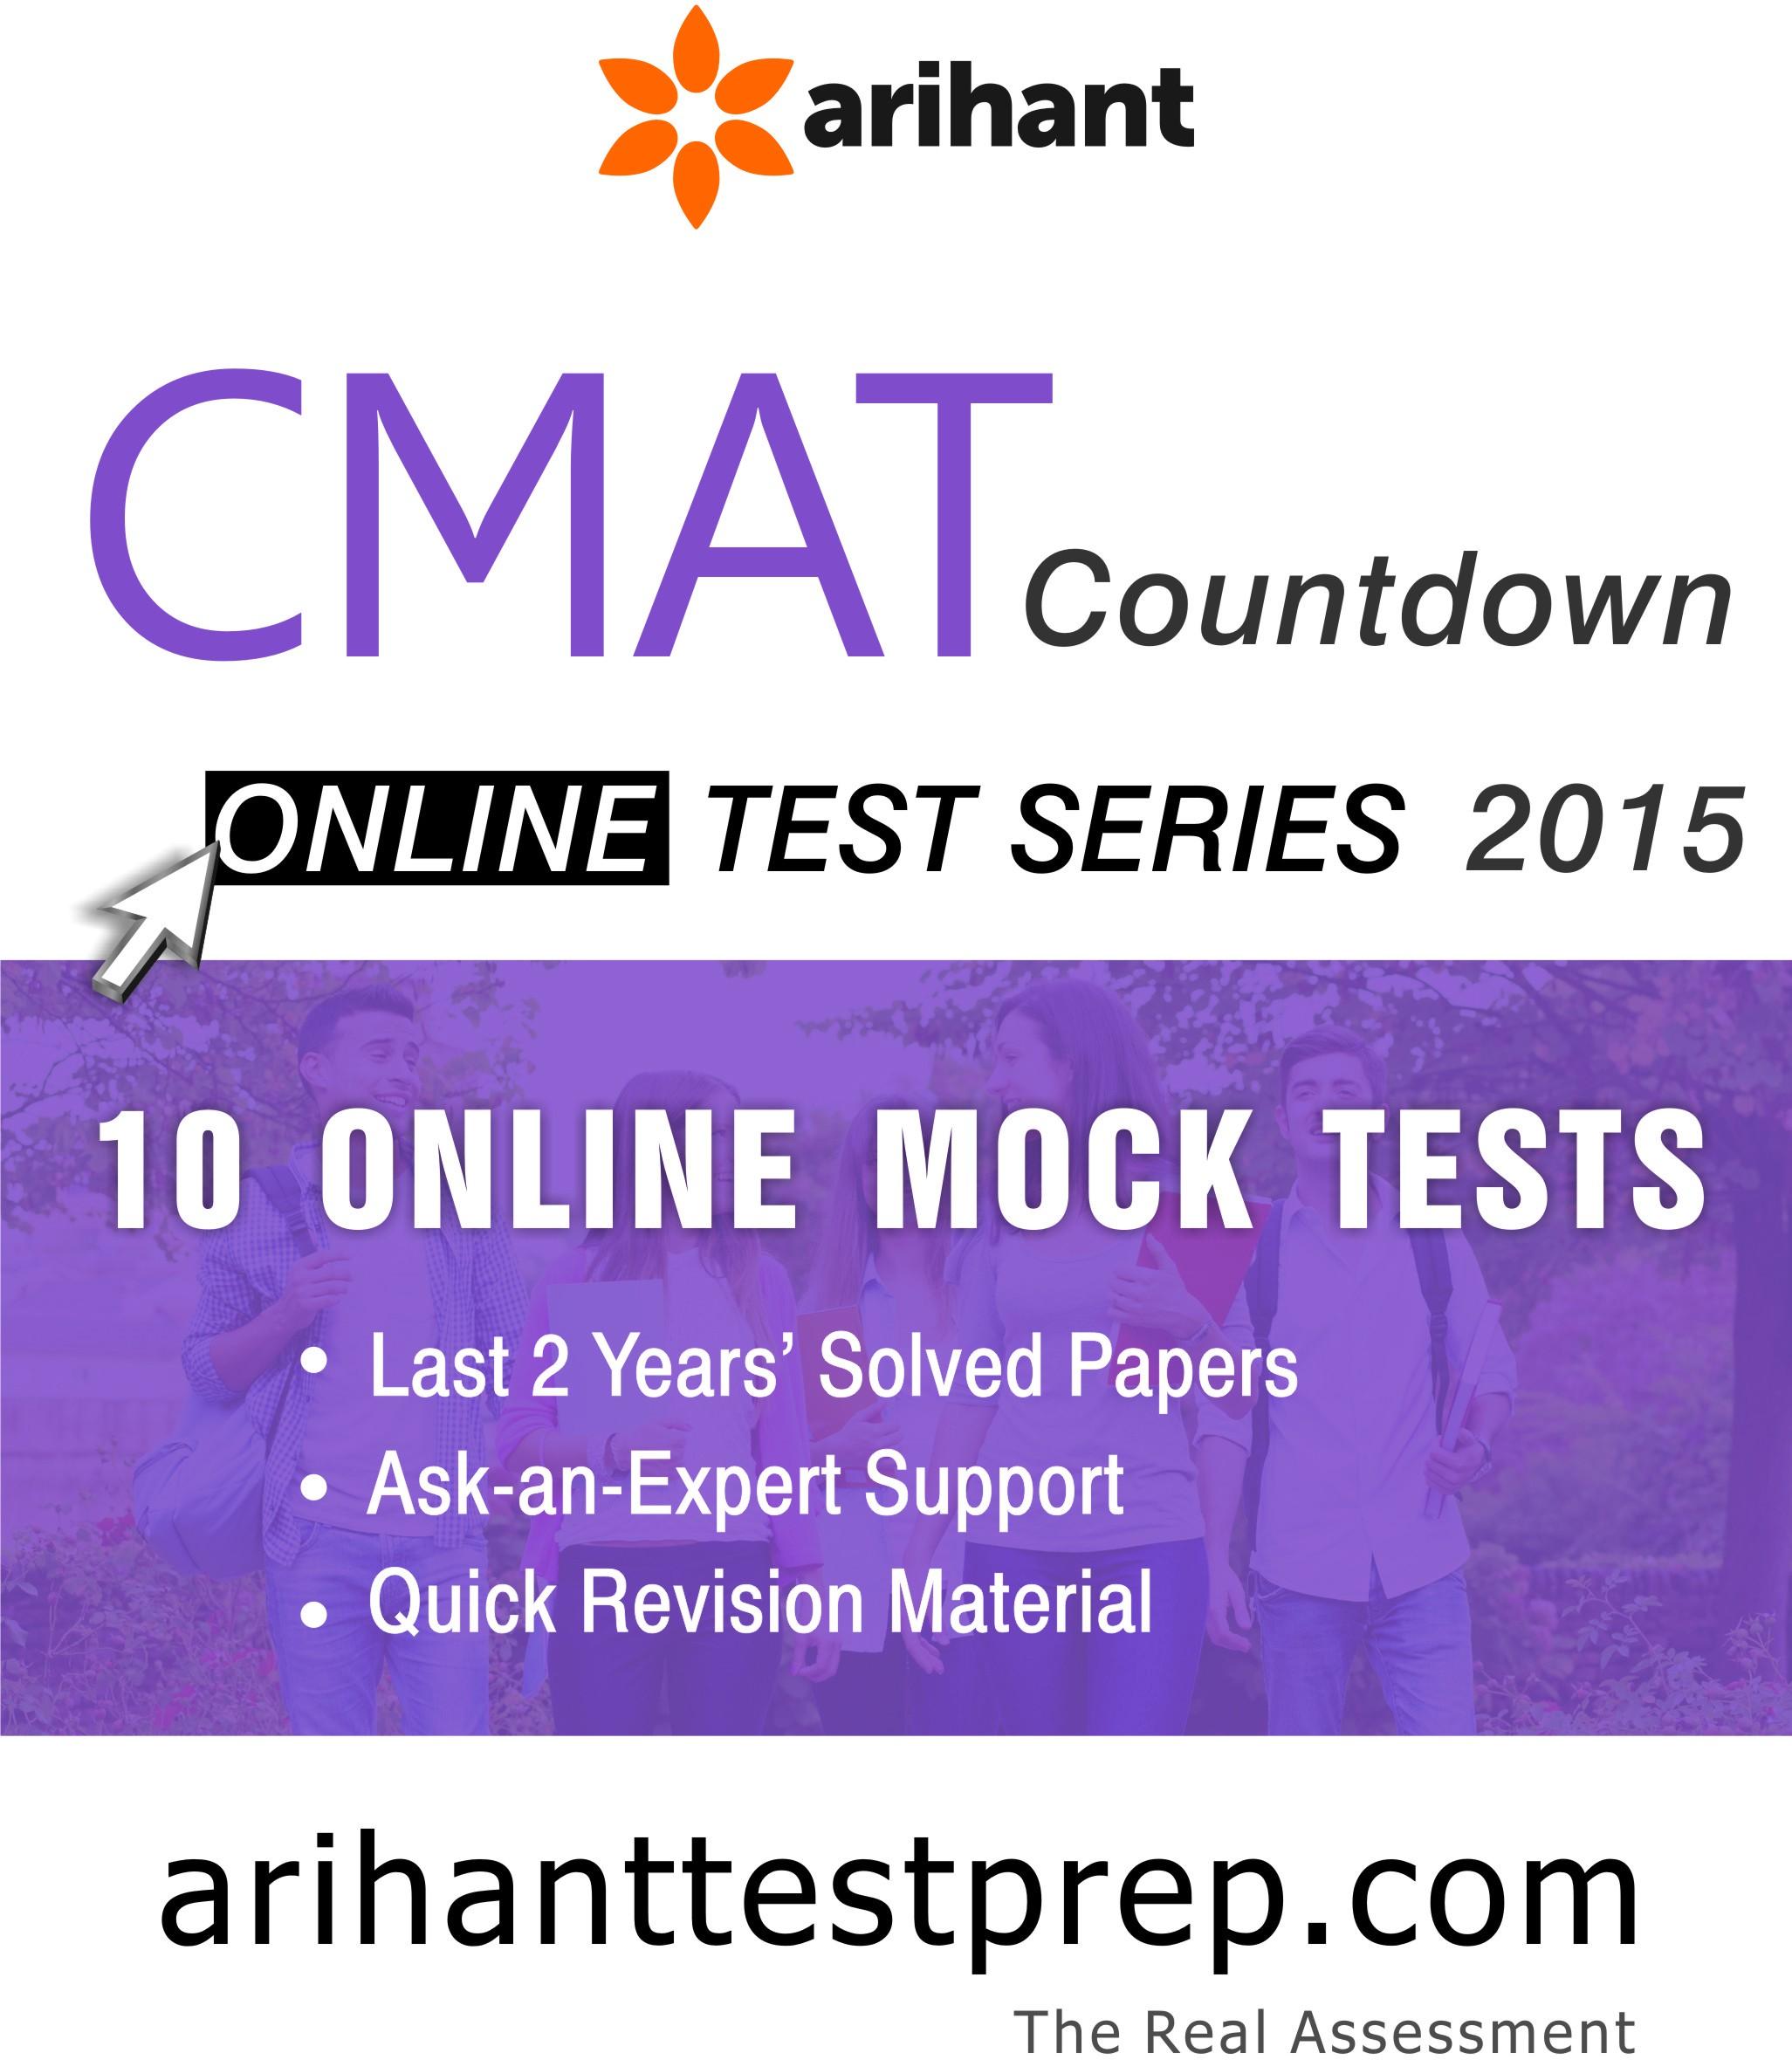 Arihant CMAT Test Series Online Test(Voucher)